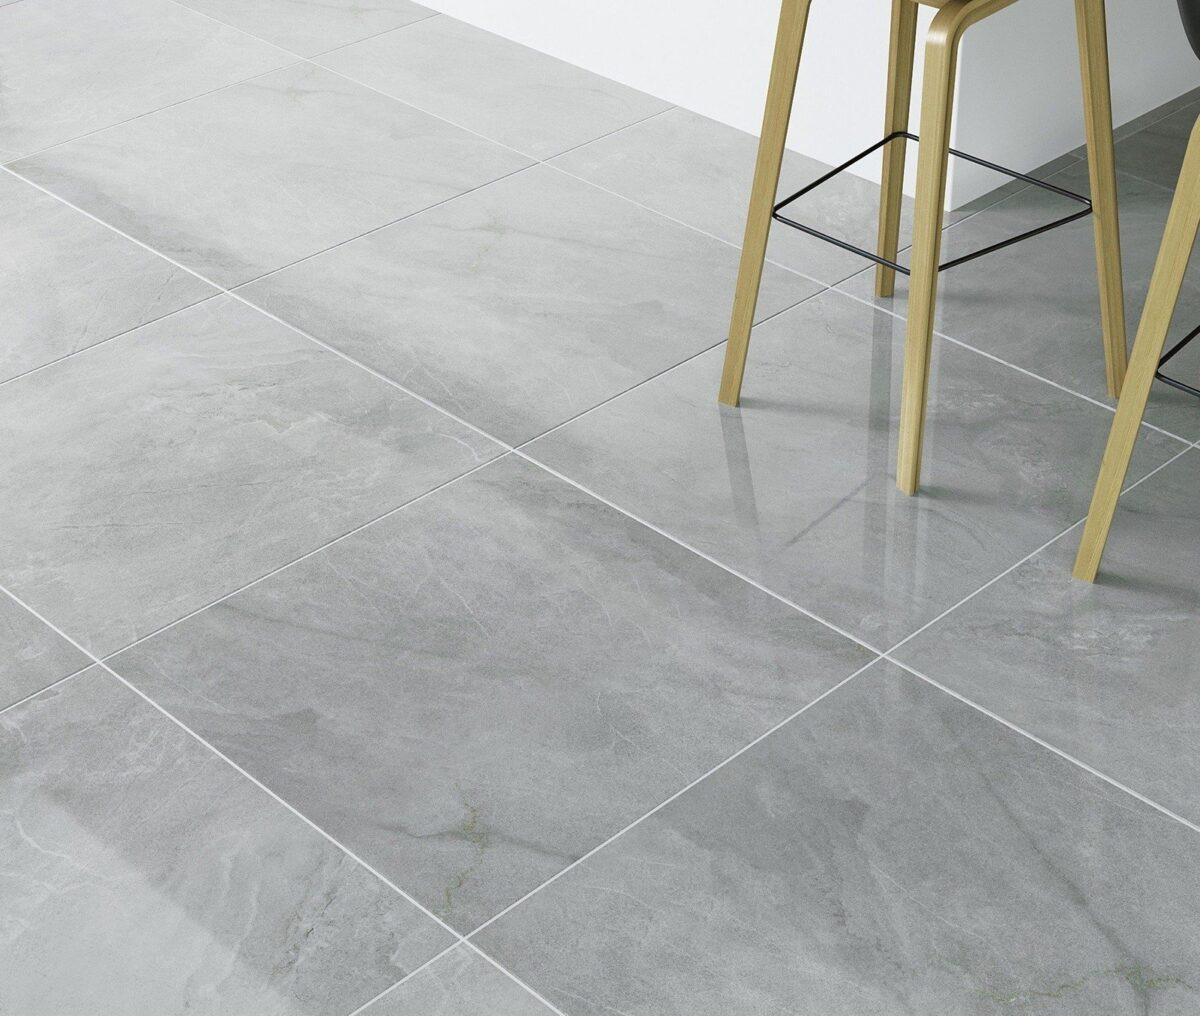 10-idee-e-foto-di-pavimento-color-grigio-06